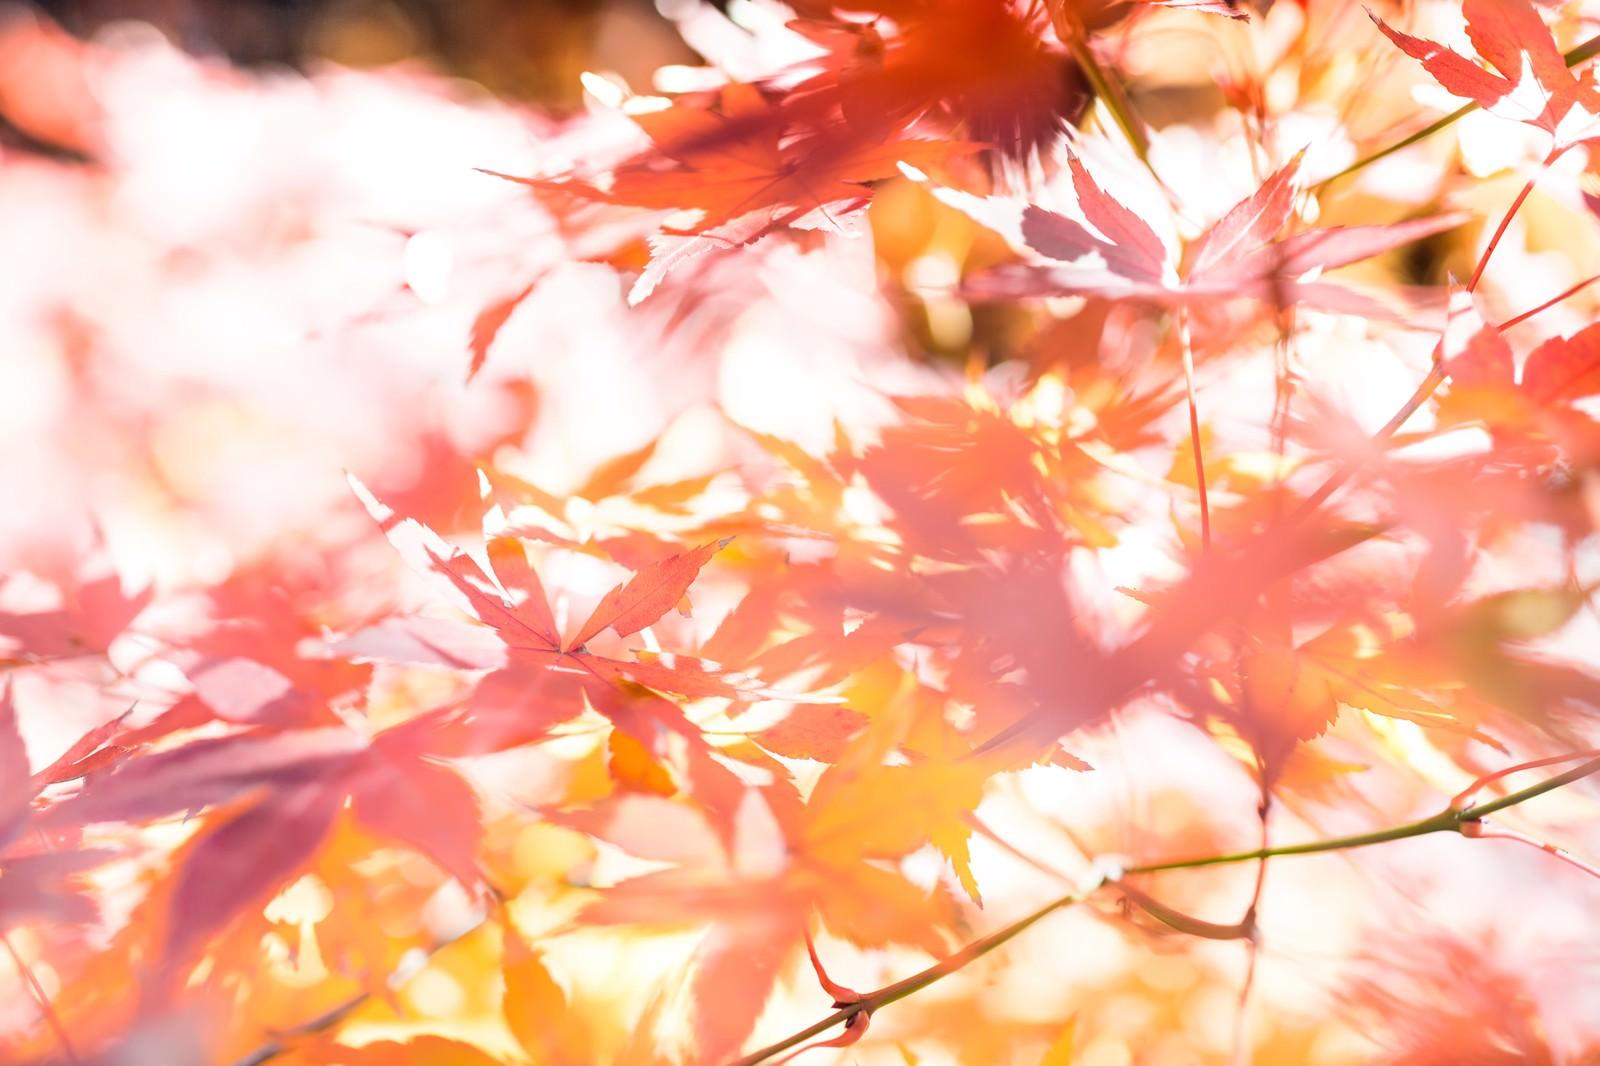 「木漏れ日と紅葉木漏れ日と紅葉」のフリー写真素材を拡大